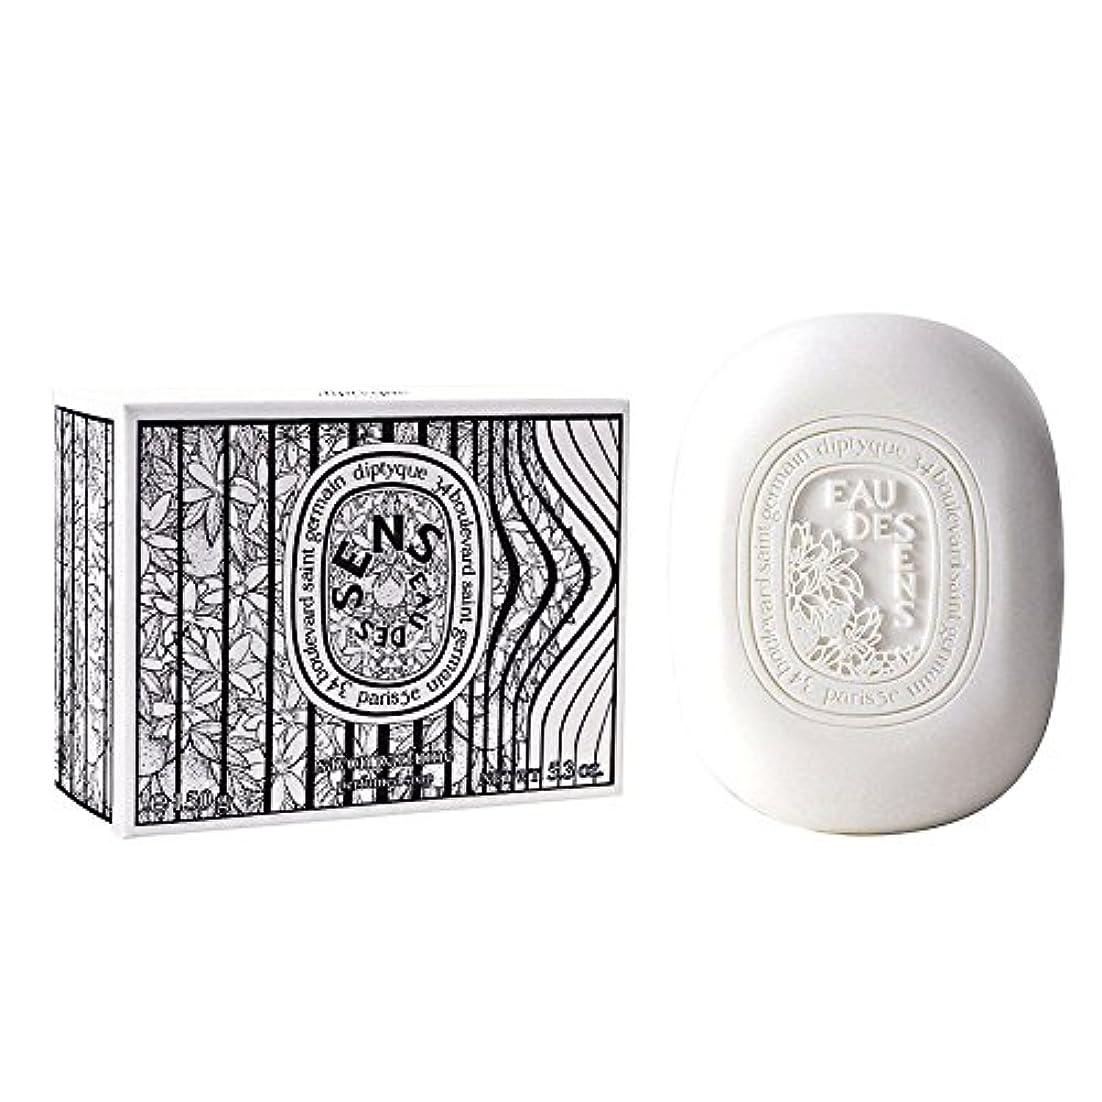 レンズ本物算術Diptyque Eau Des Sens (ディプティック オー デ センス) 150g Soap (石けん) for Women